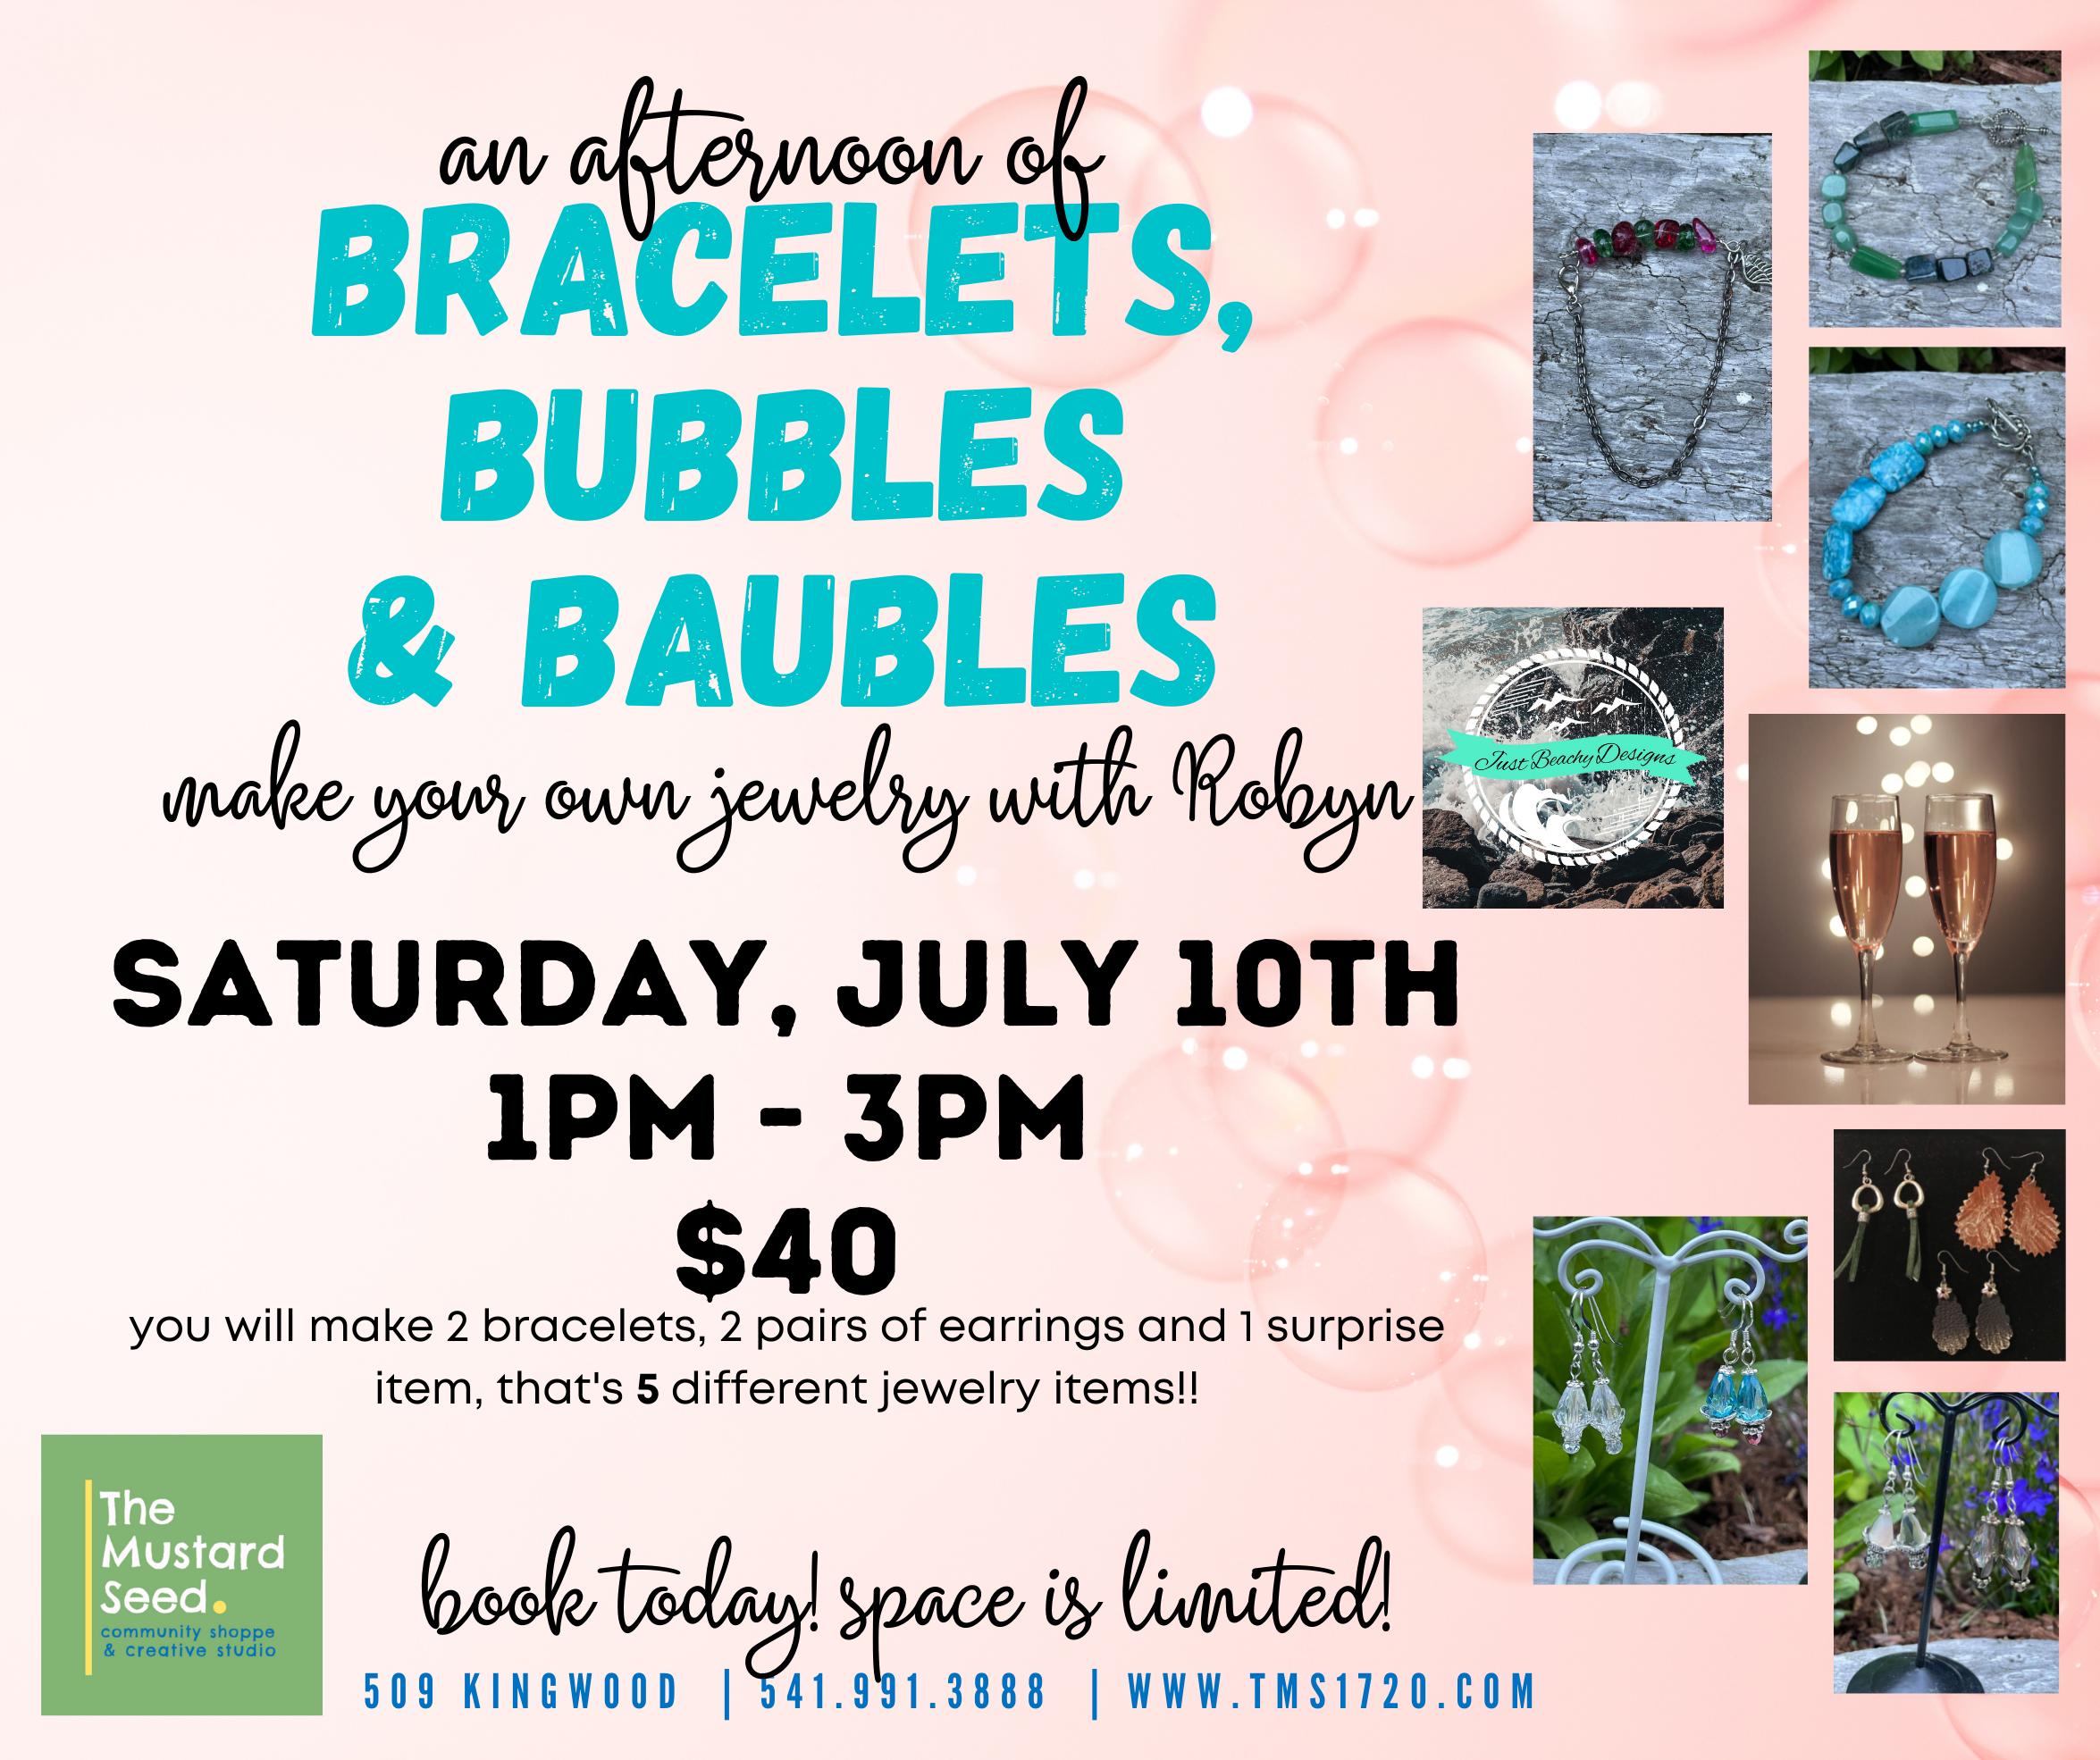 Bracelets, Bubbles & Baubles